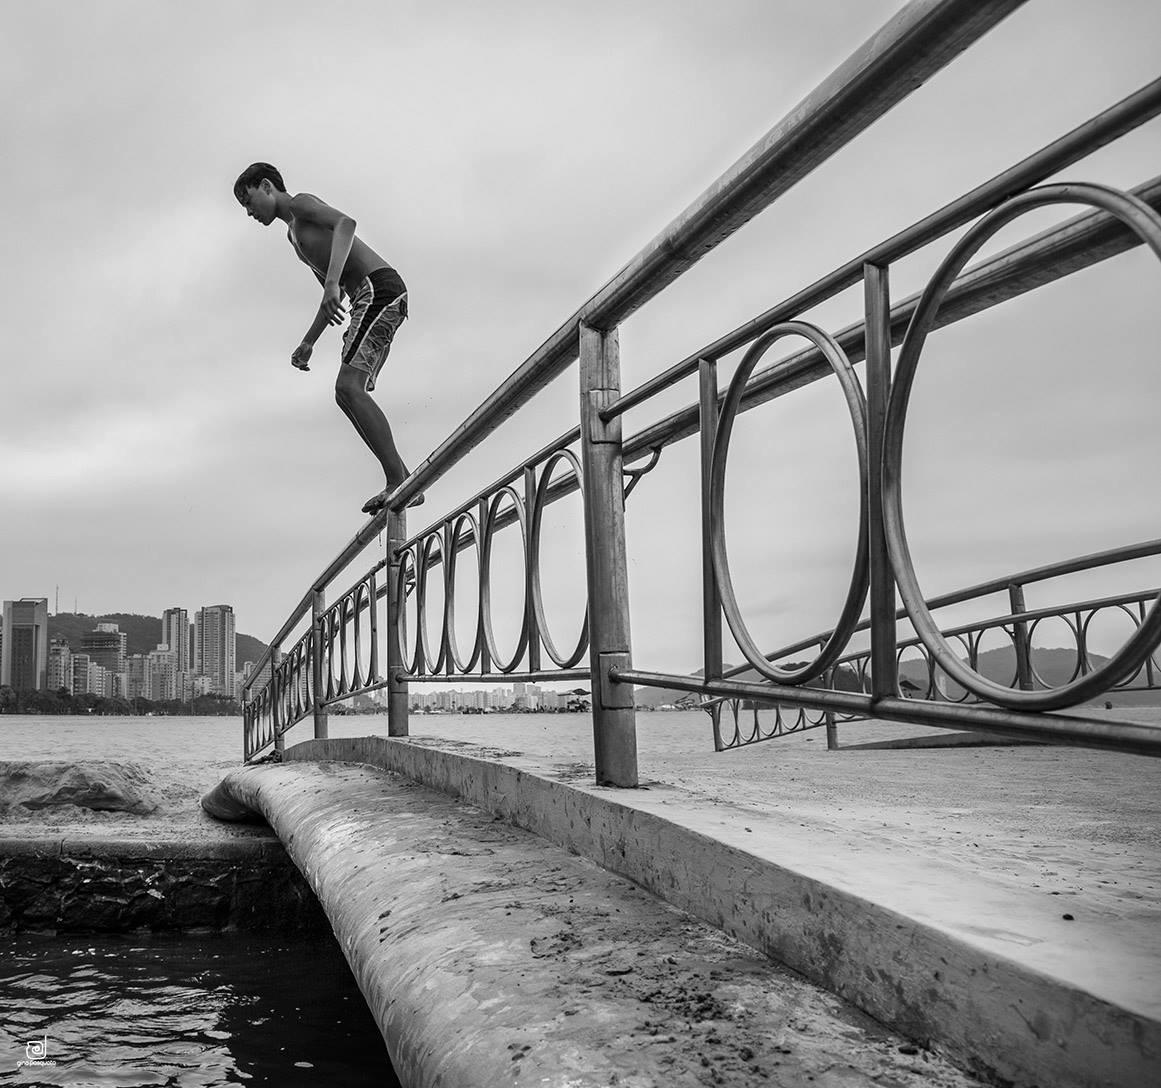 menino mergulhando de uma ponte